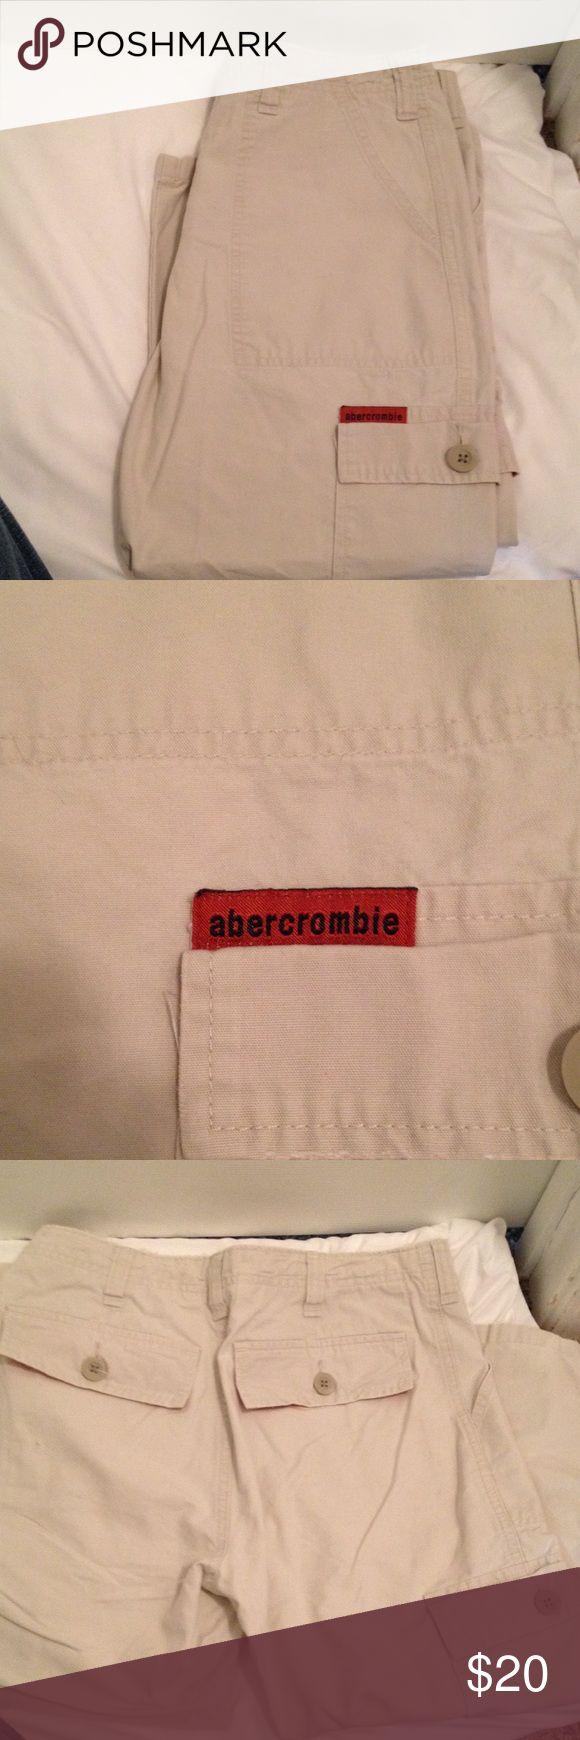 Girls Abercrombie size 16 khaki capris. Great shape. Girls Abercrombie size 16 capris. Only worn once. Abercrombie & Fitch Pants Capris